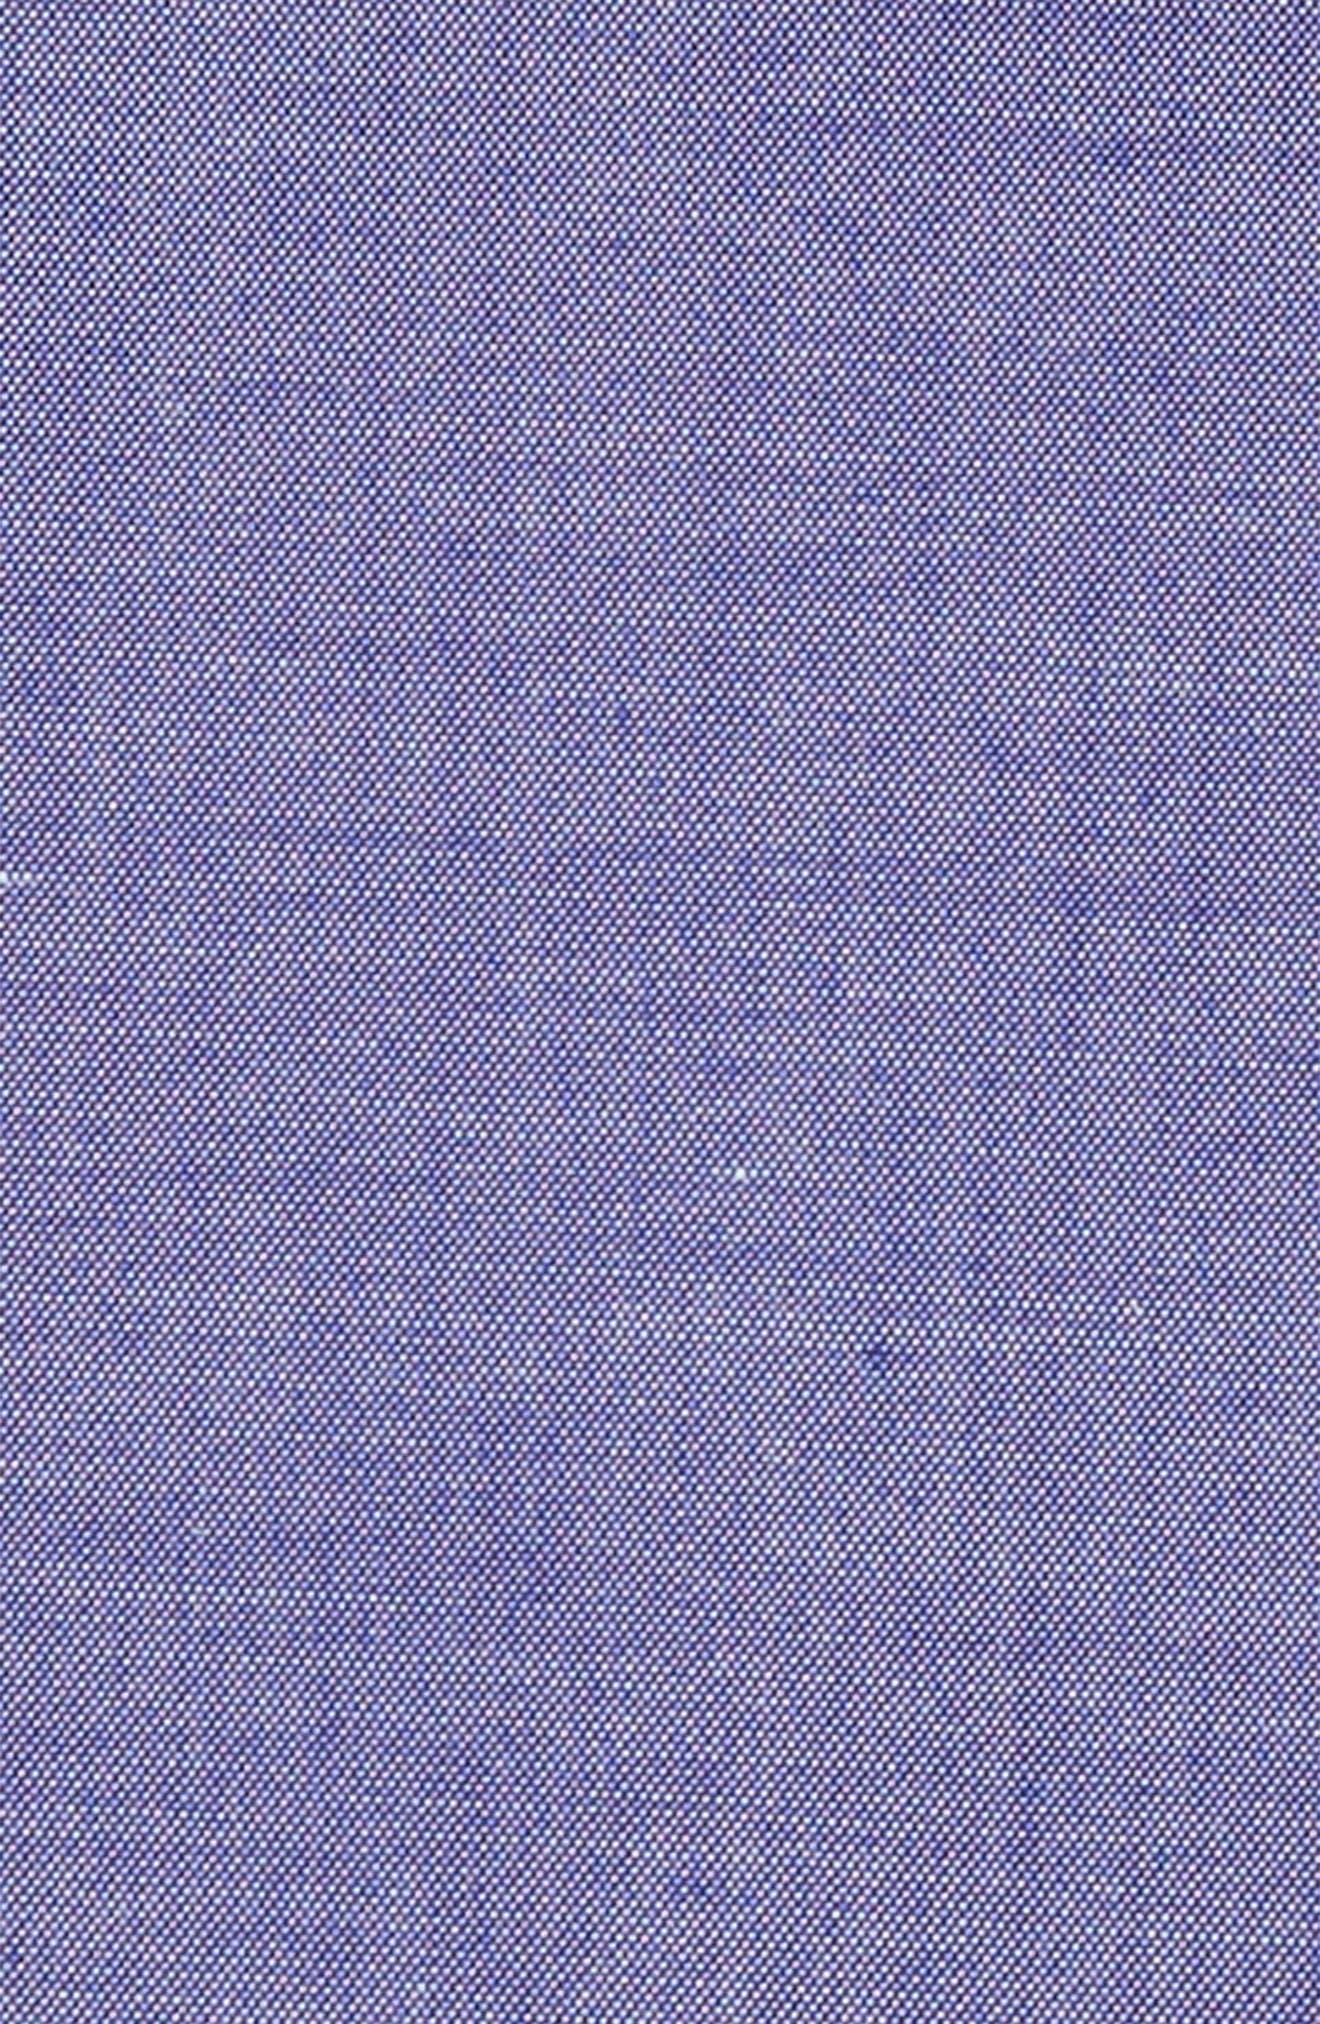 Chambray Pocket Square,                             Alternate thumbnail 3, color,                             Royal